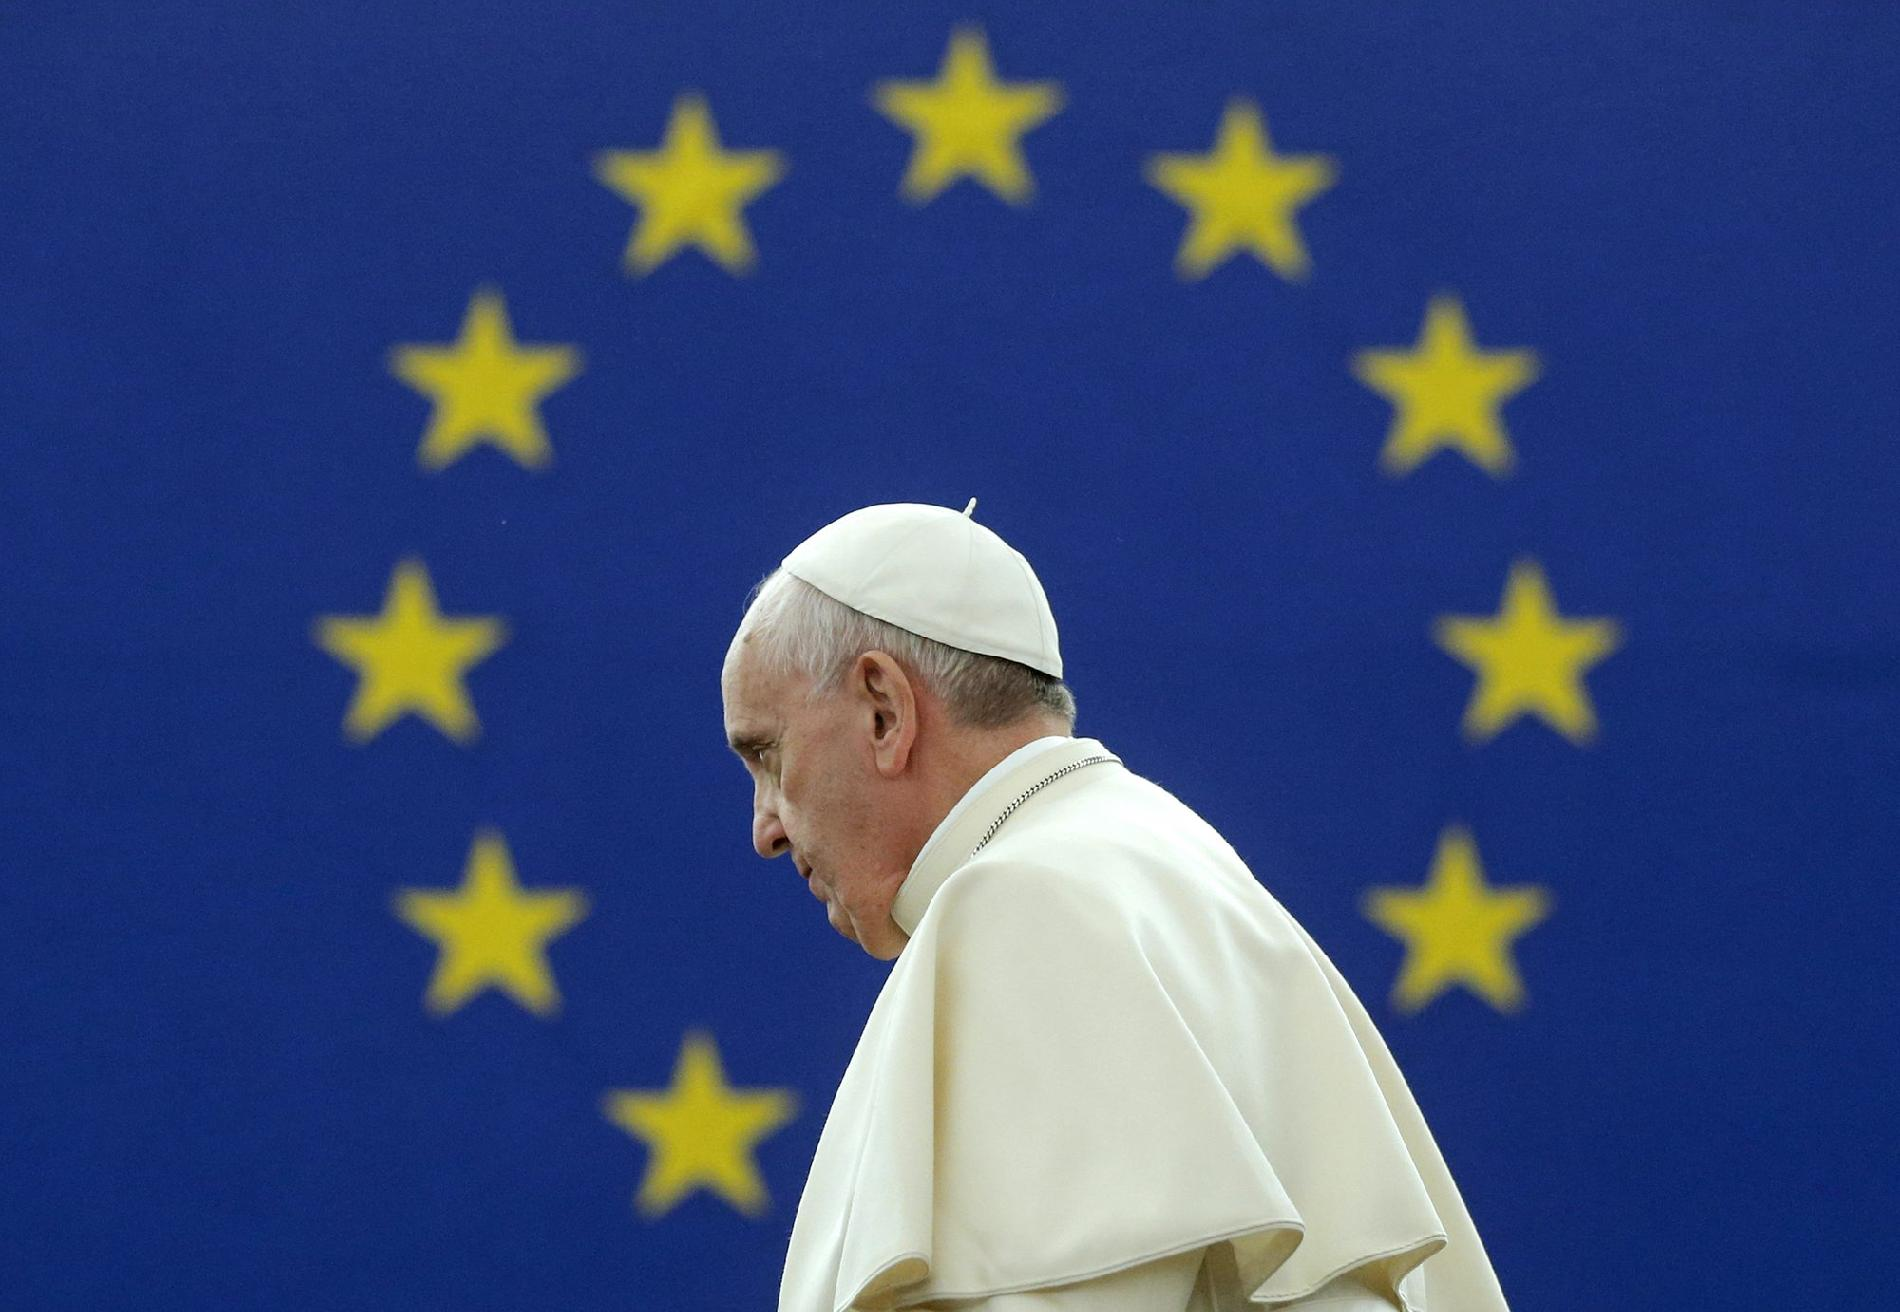 교황과 기독교, 그리고 정치적 올바름?